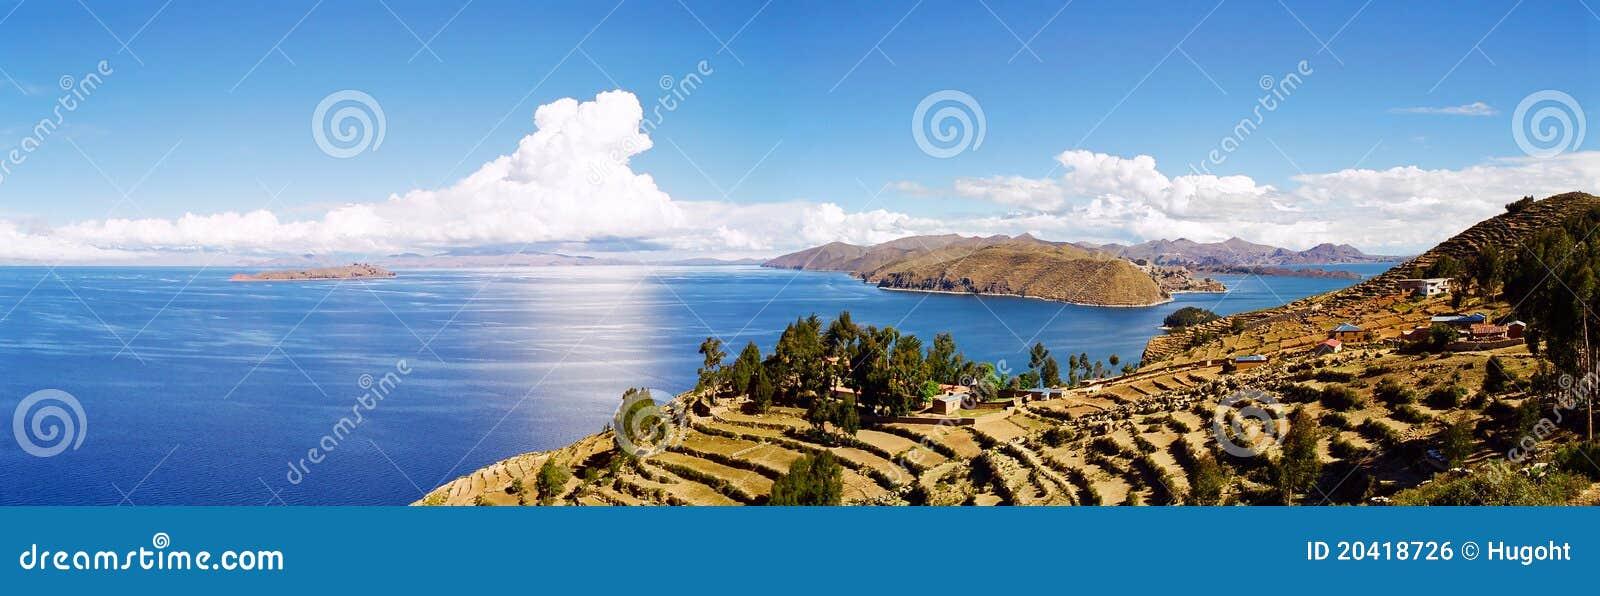 Jeziorny Bolivia titicaca Peru